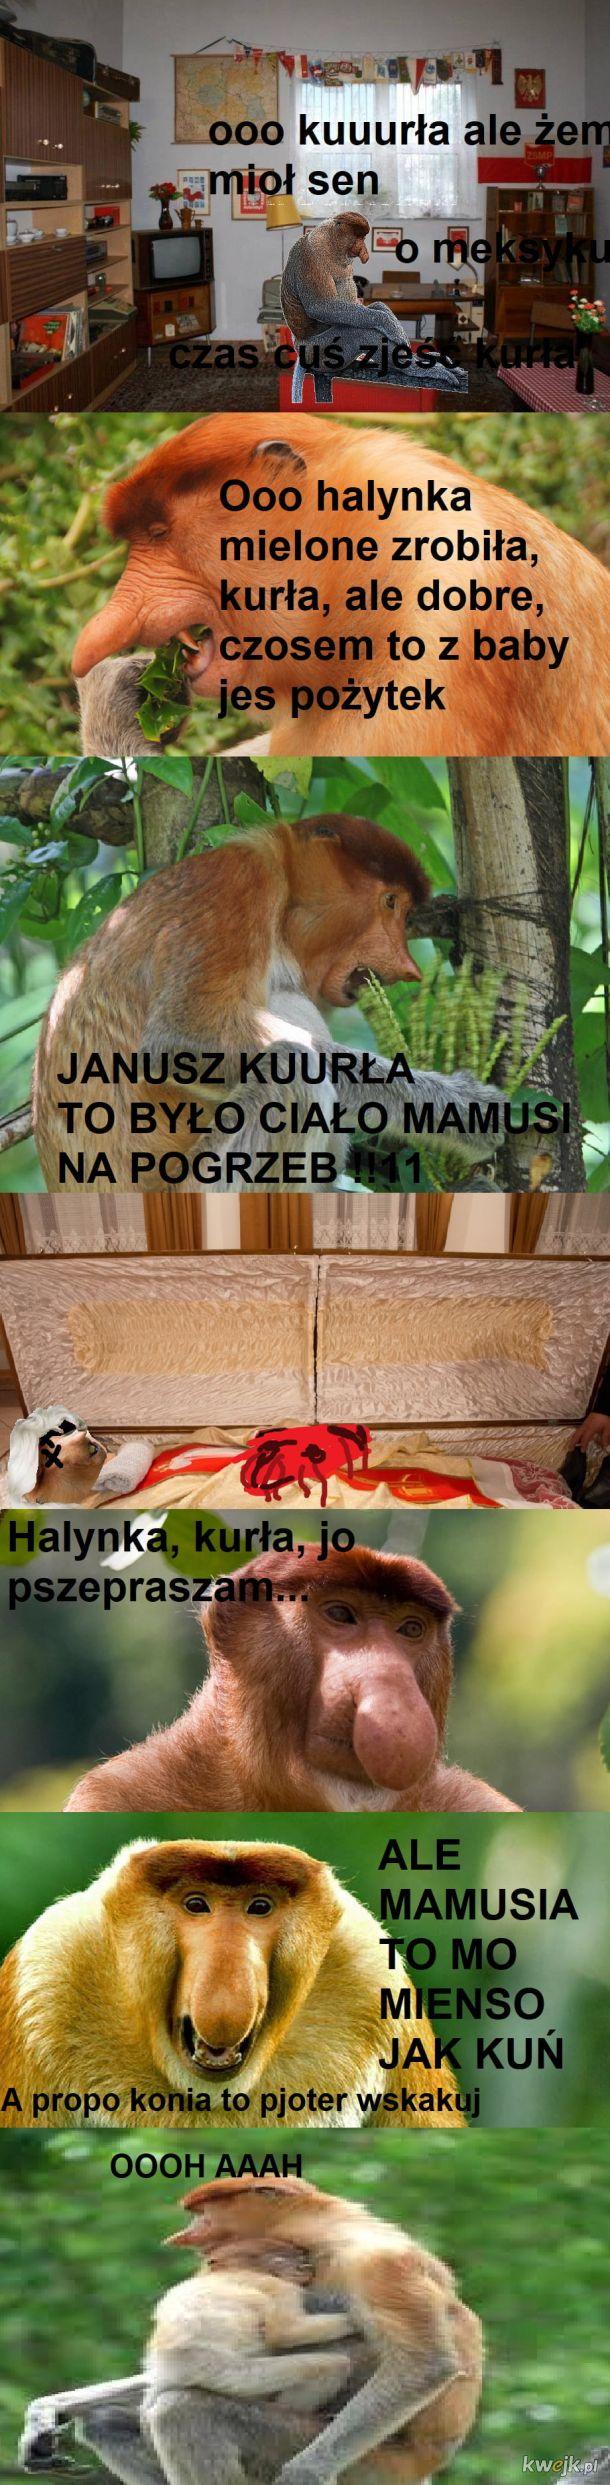 historia janusza cz. 4